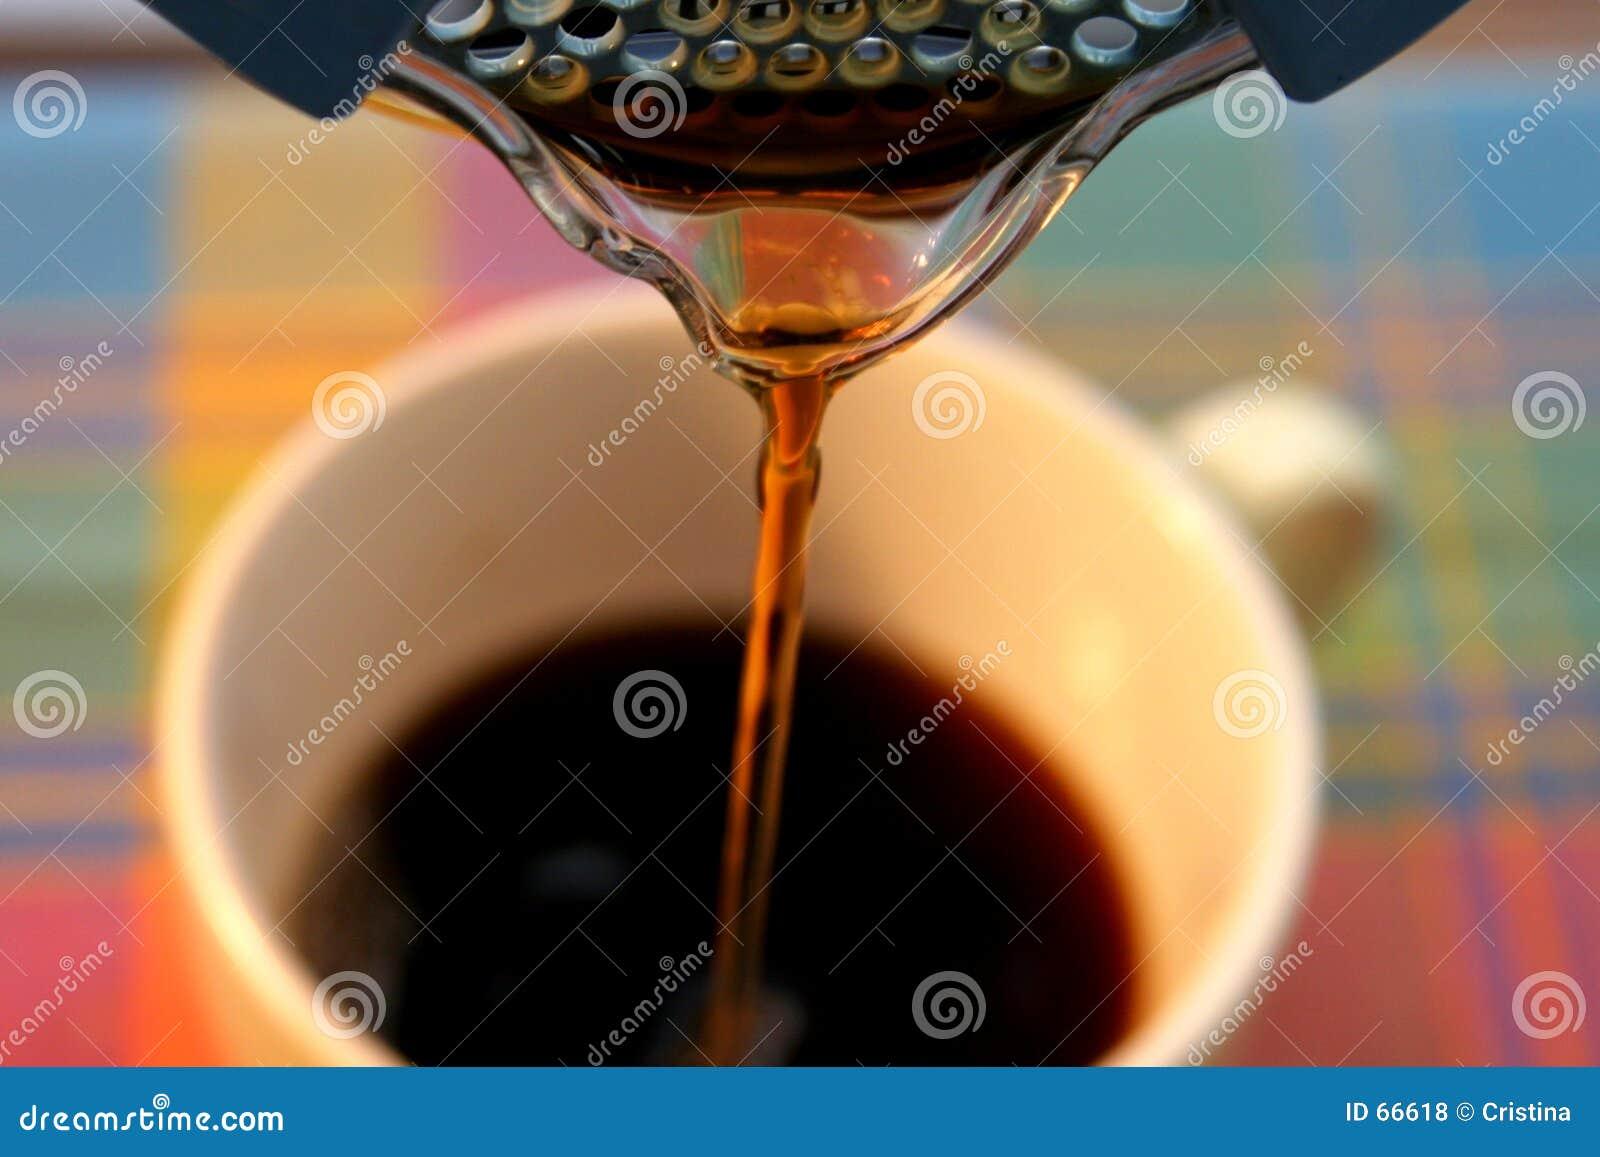 Wanna a cup?